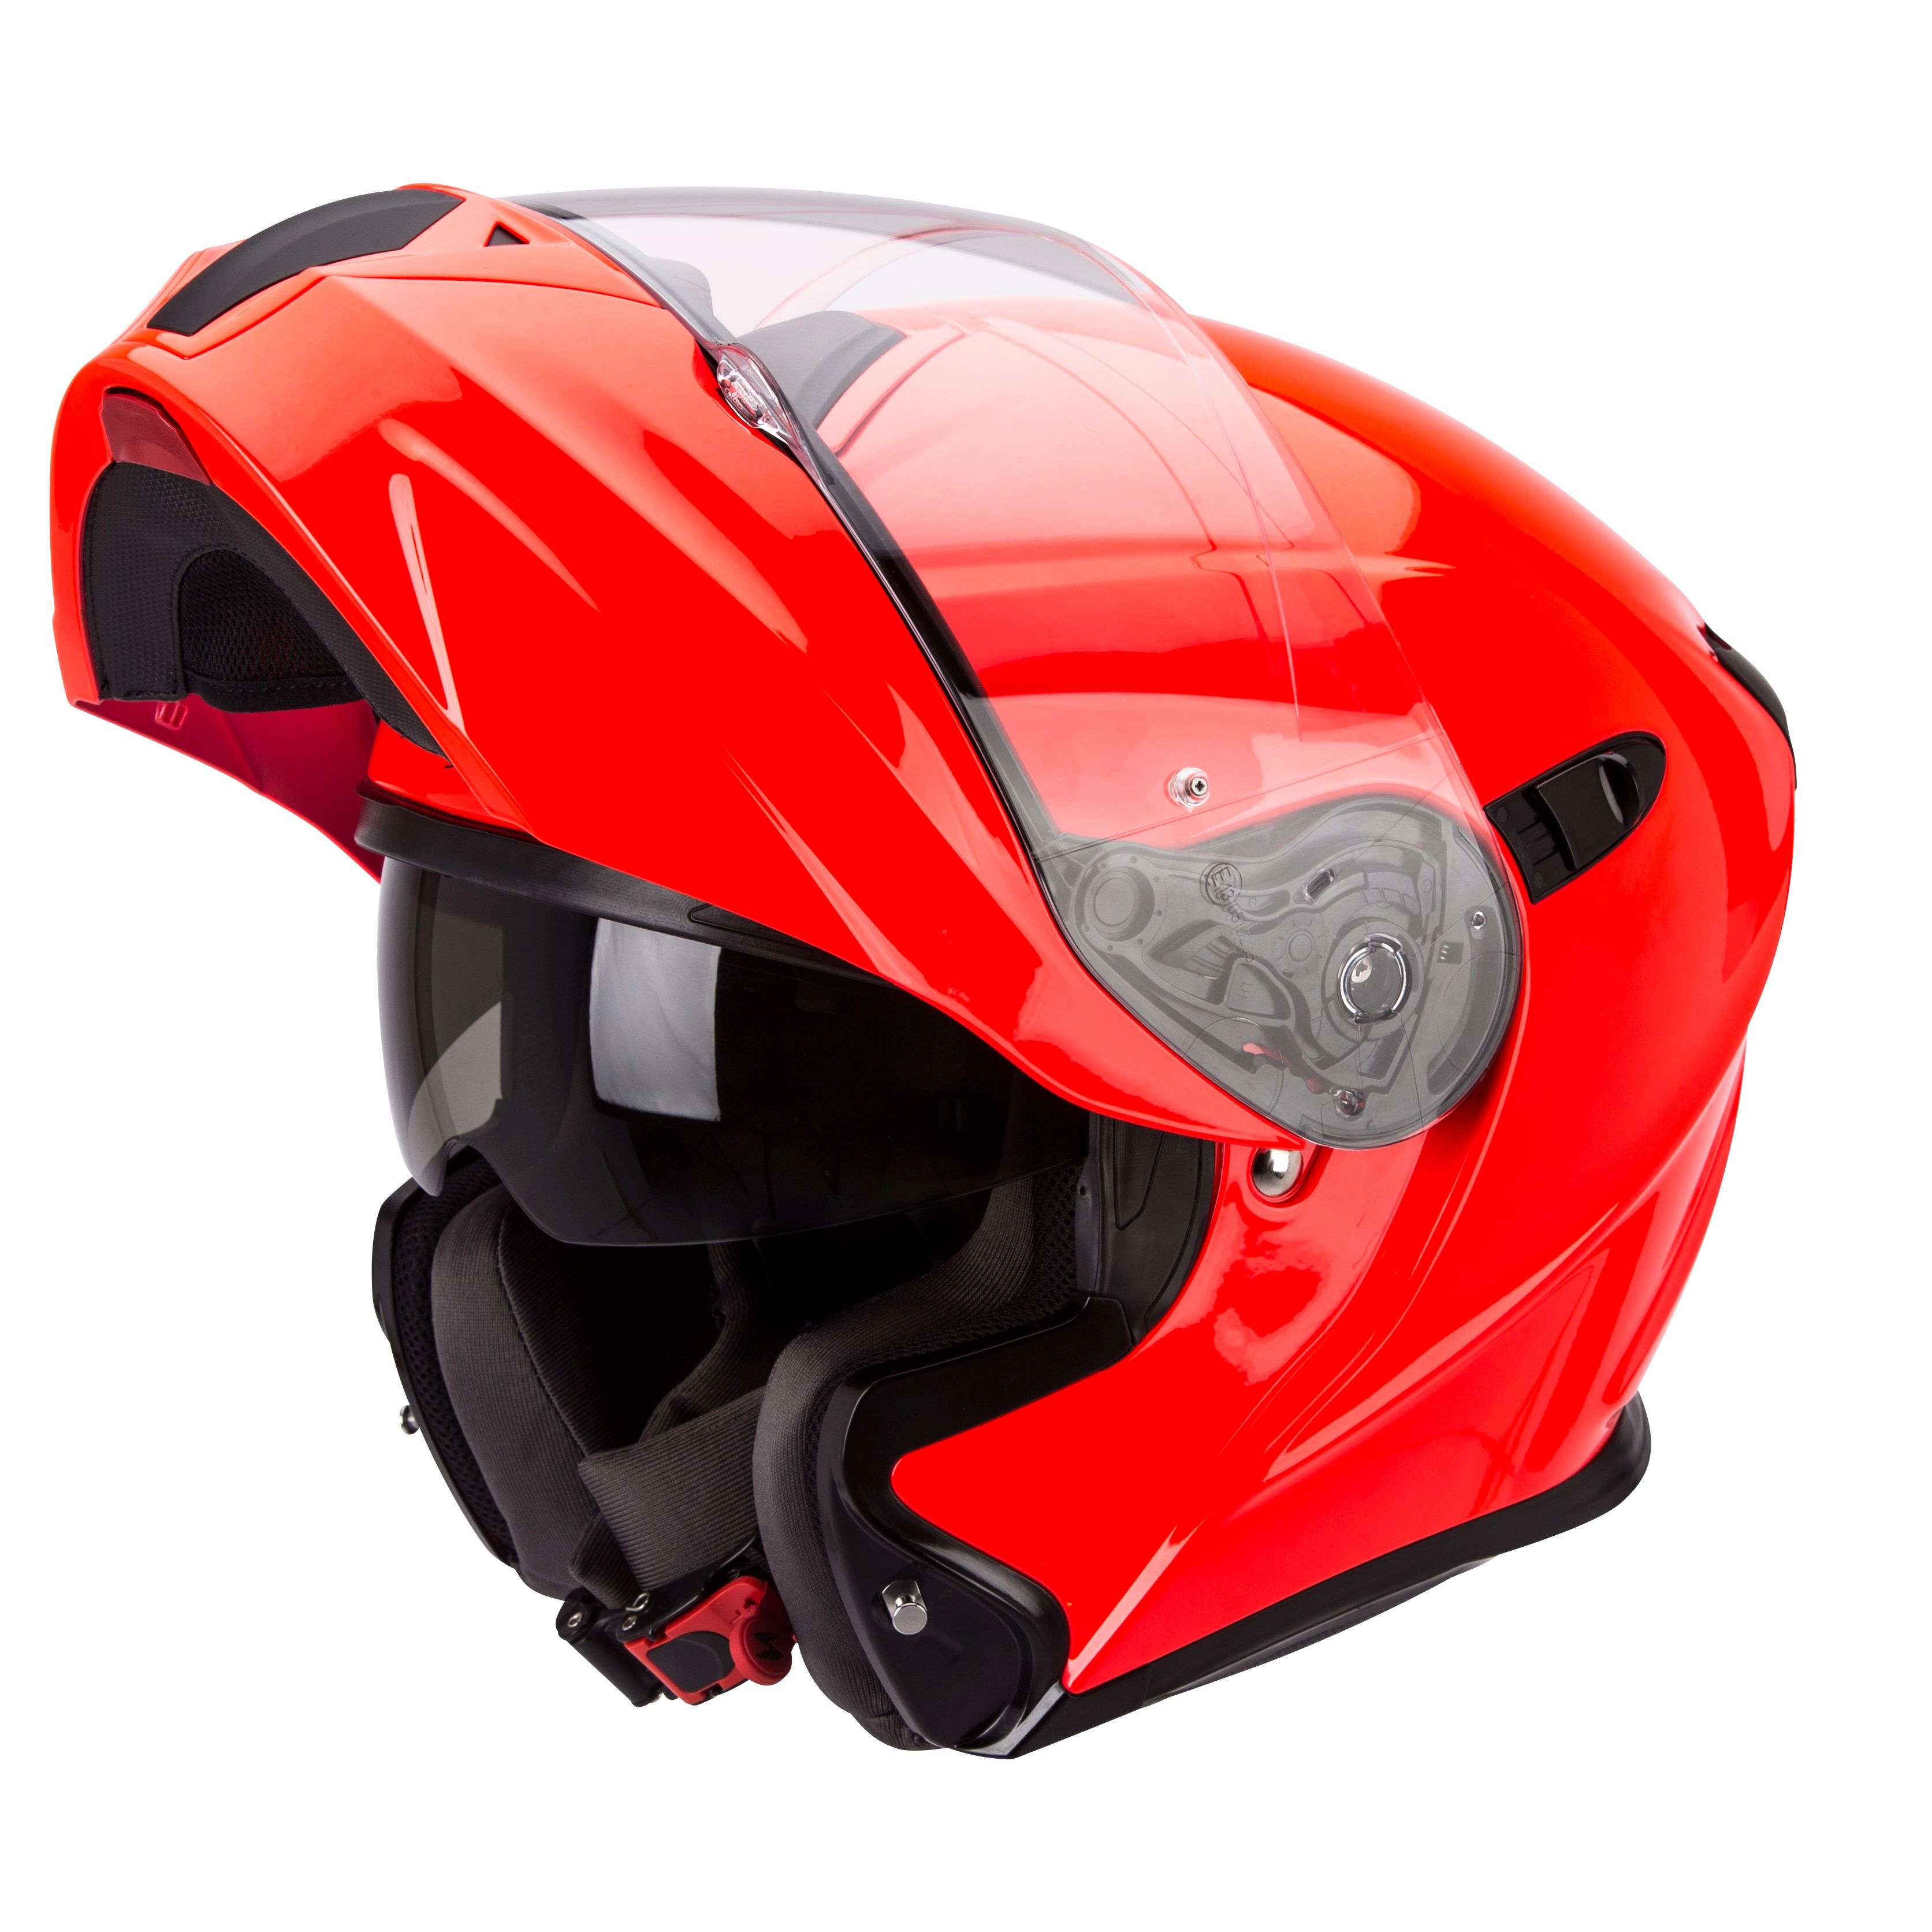 Casque Scorpion Exo Exo 920 Solid Fluo Casque Modulable